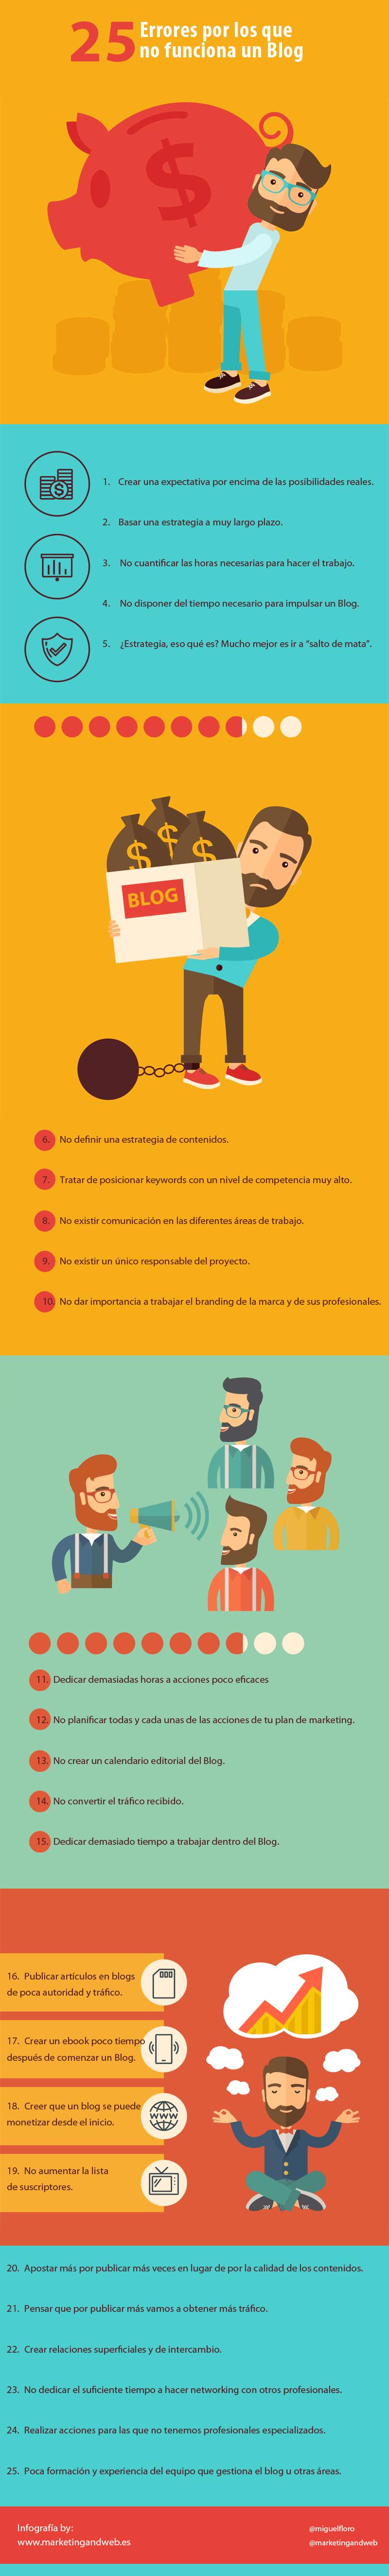 25 errores por los que no funciona un Blog